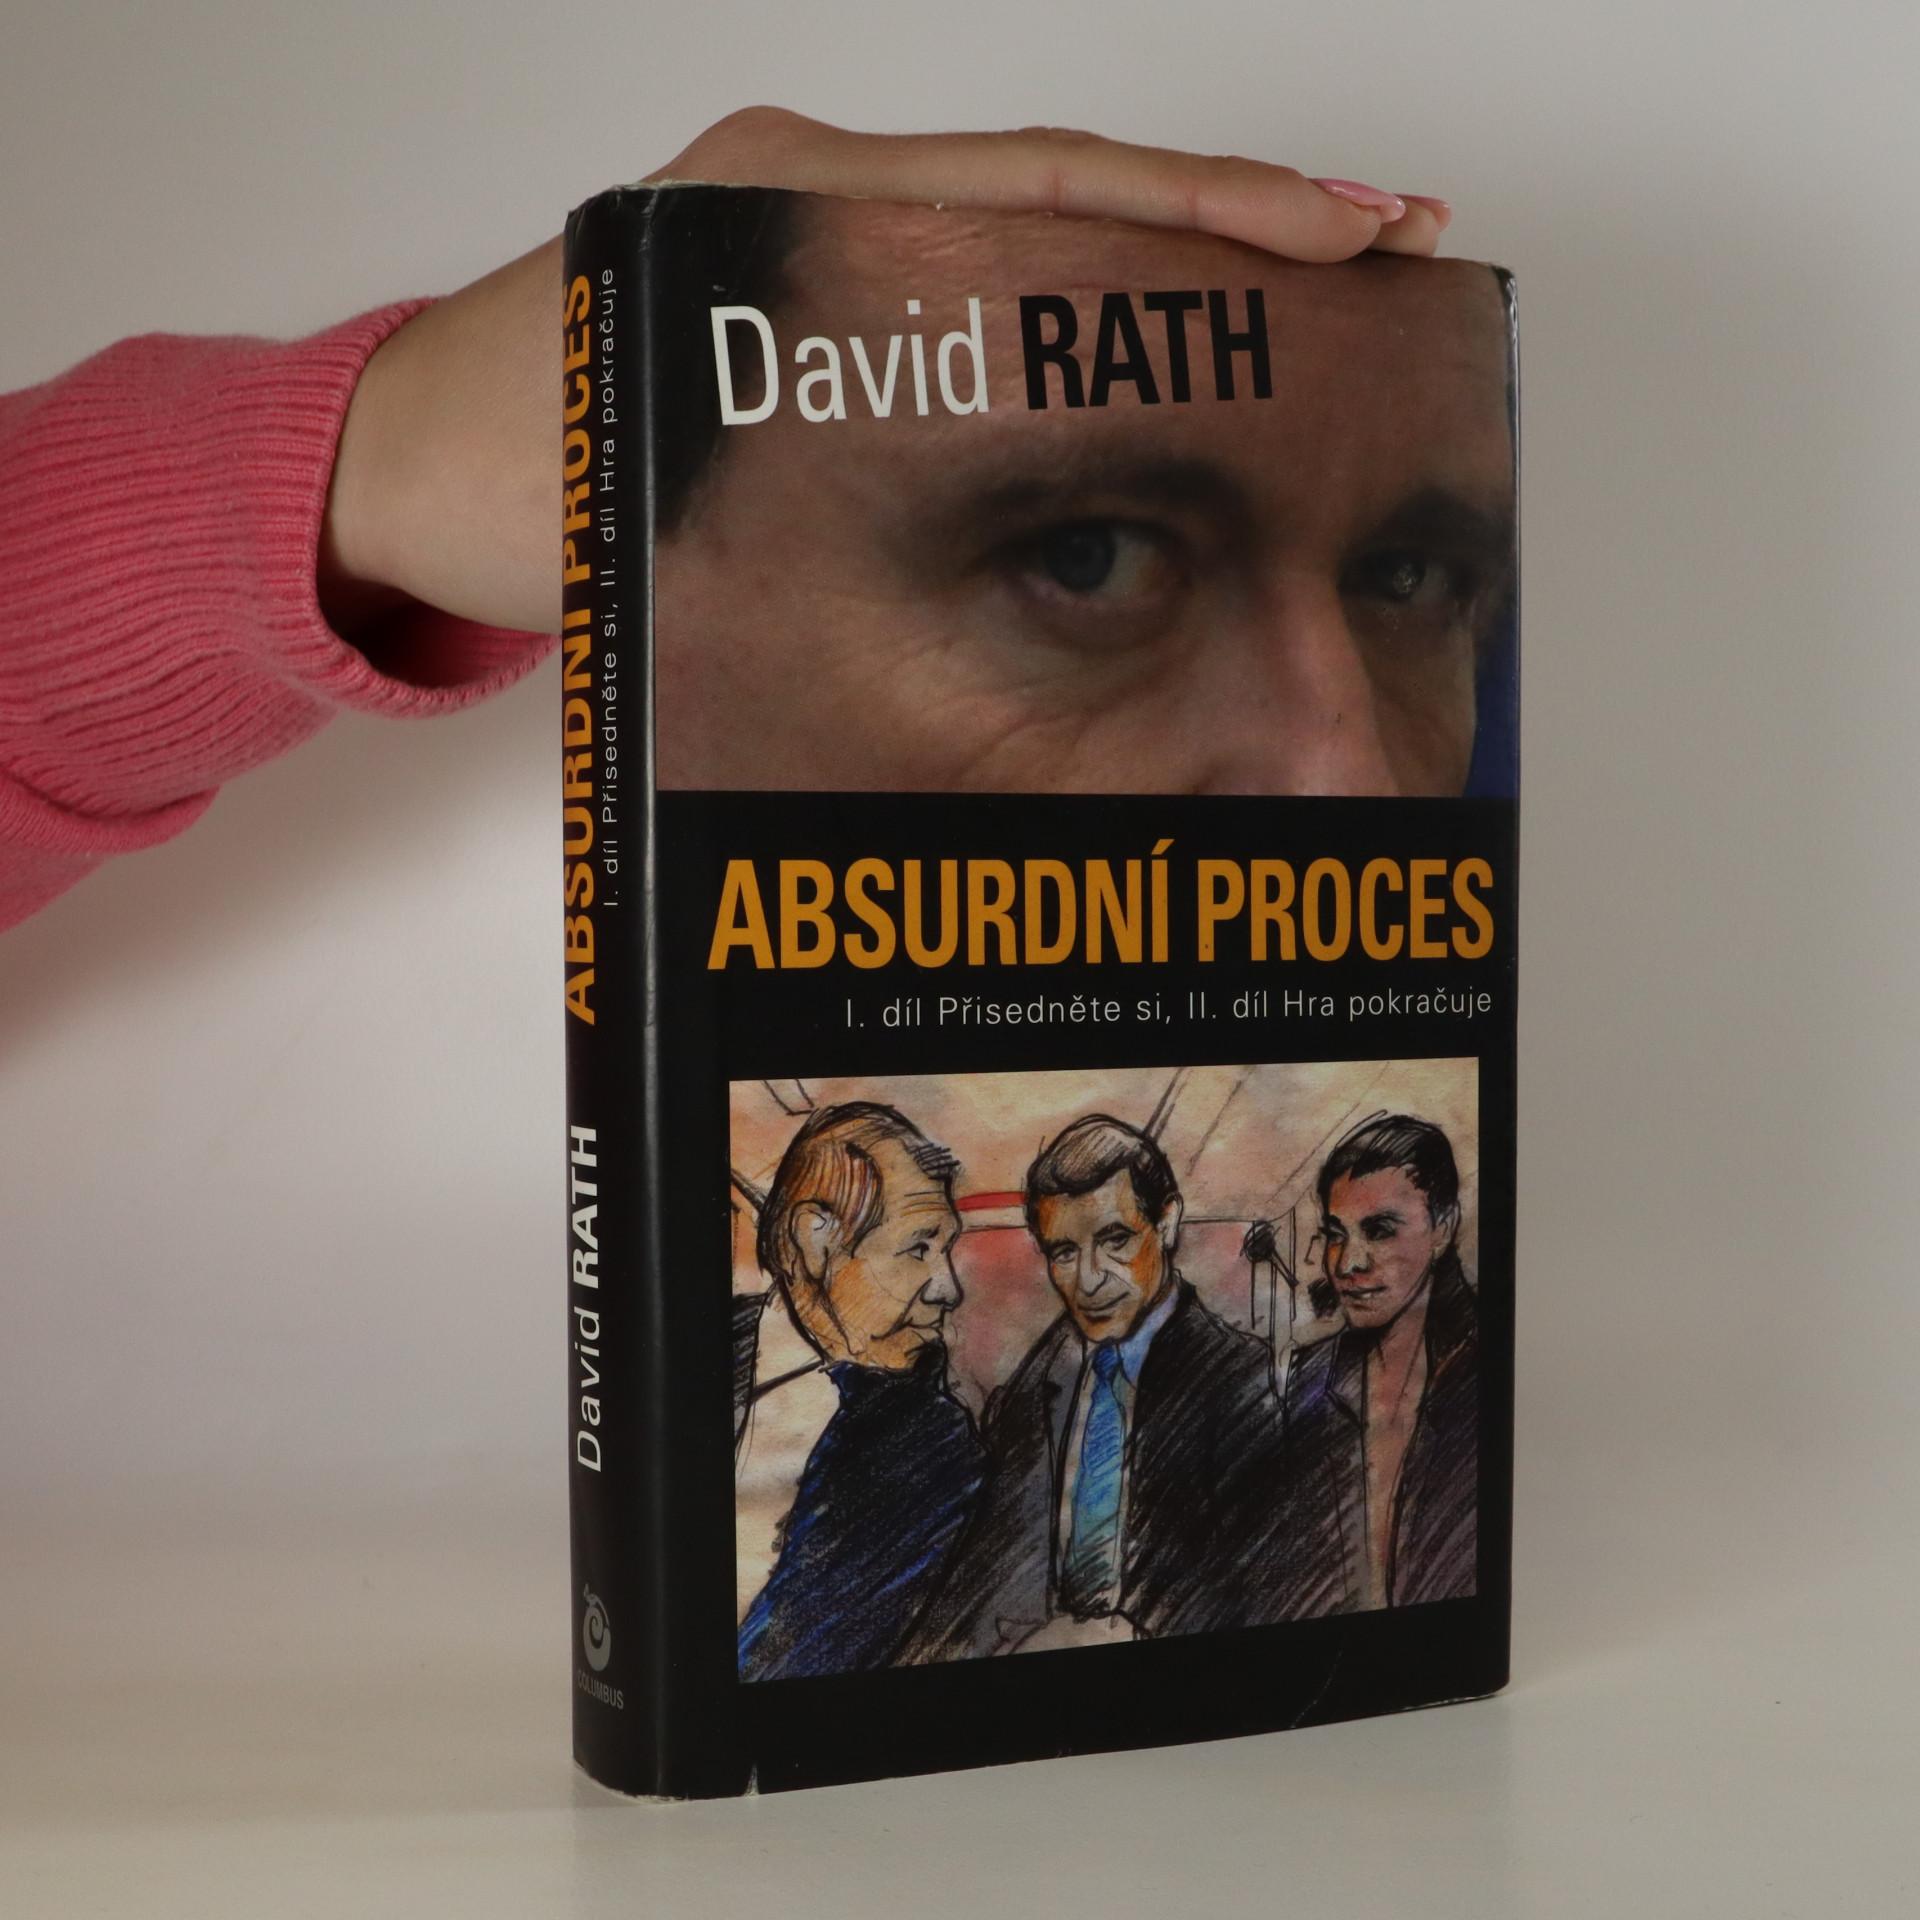 antikvární kniha Absurdní proces. I. díl Přisedněte si. II. díl Hra pokračuje, 2013